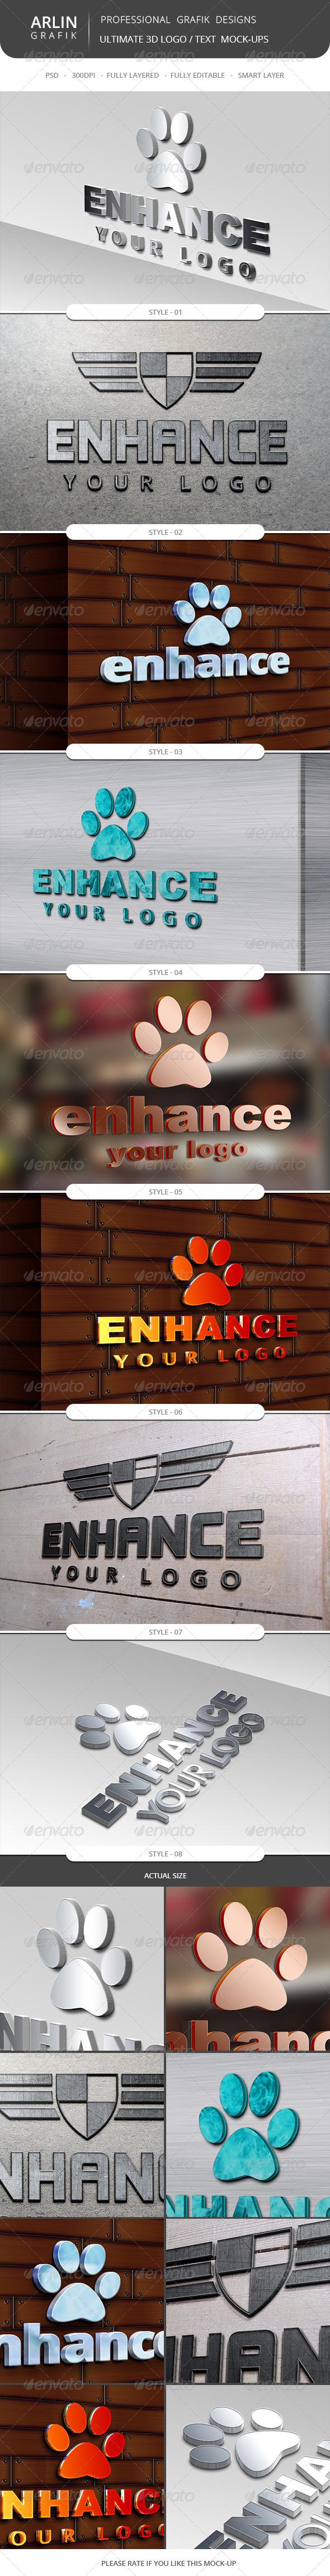 GraphicRiver Ultimate 3D Logo Mockups 8606109